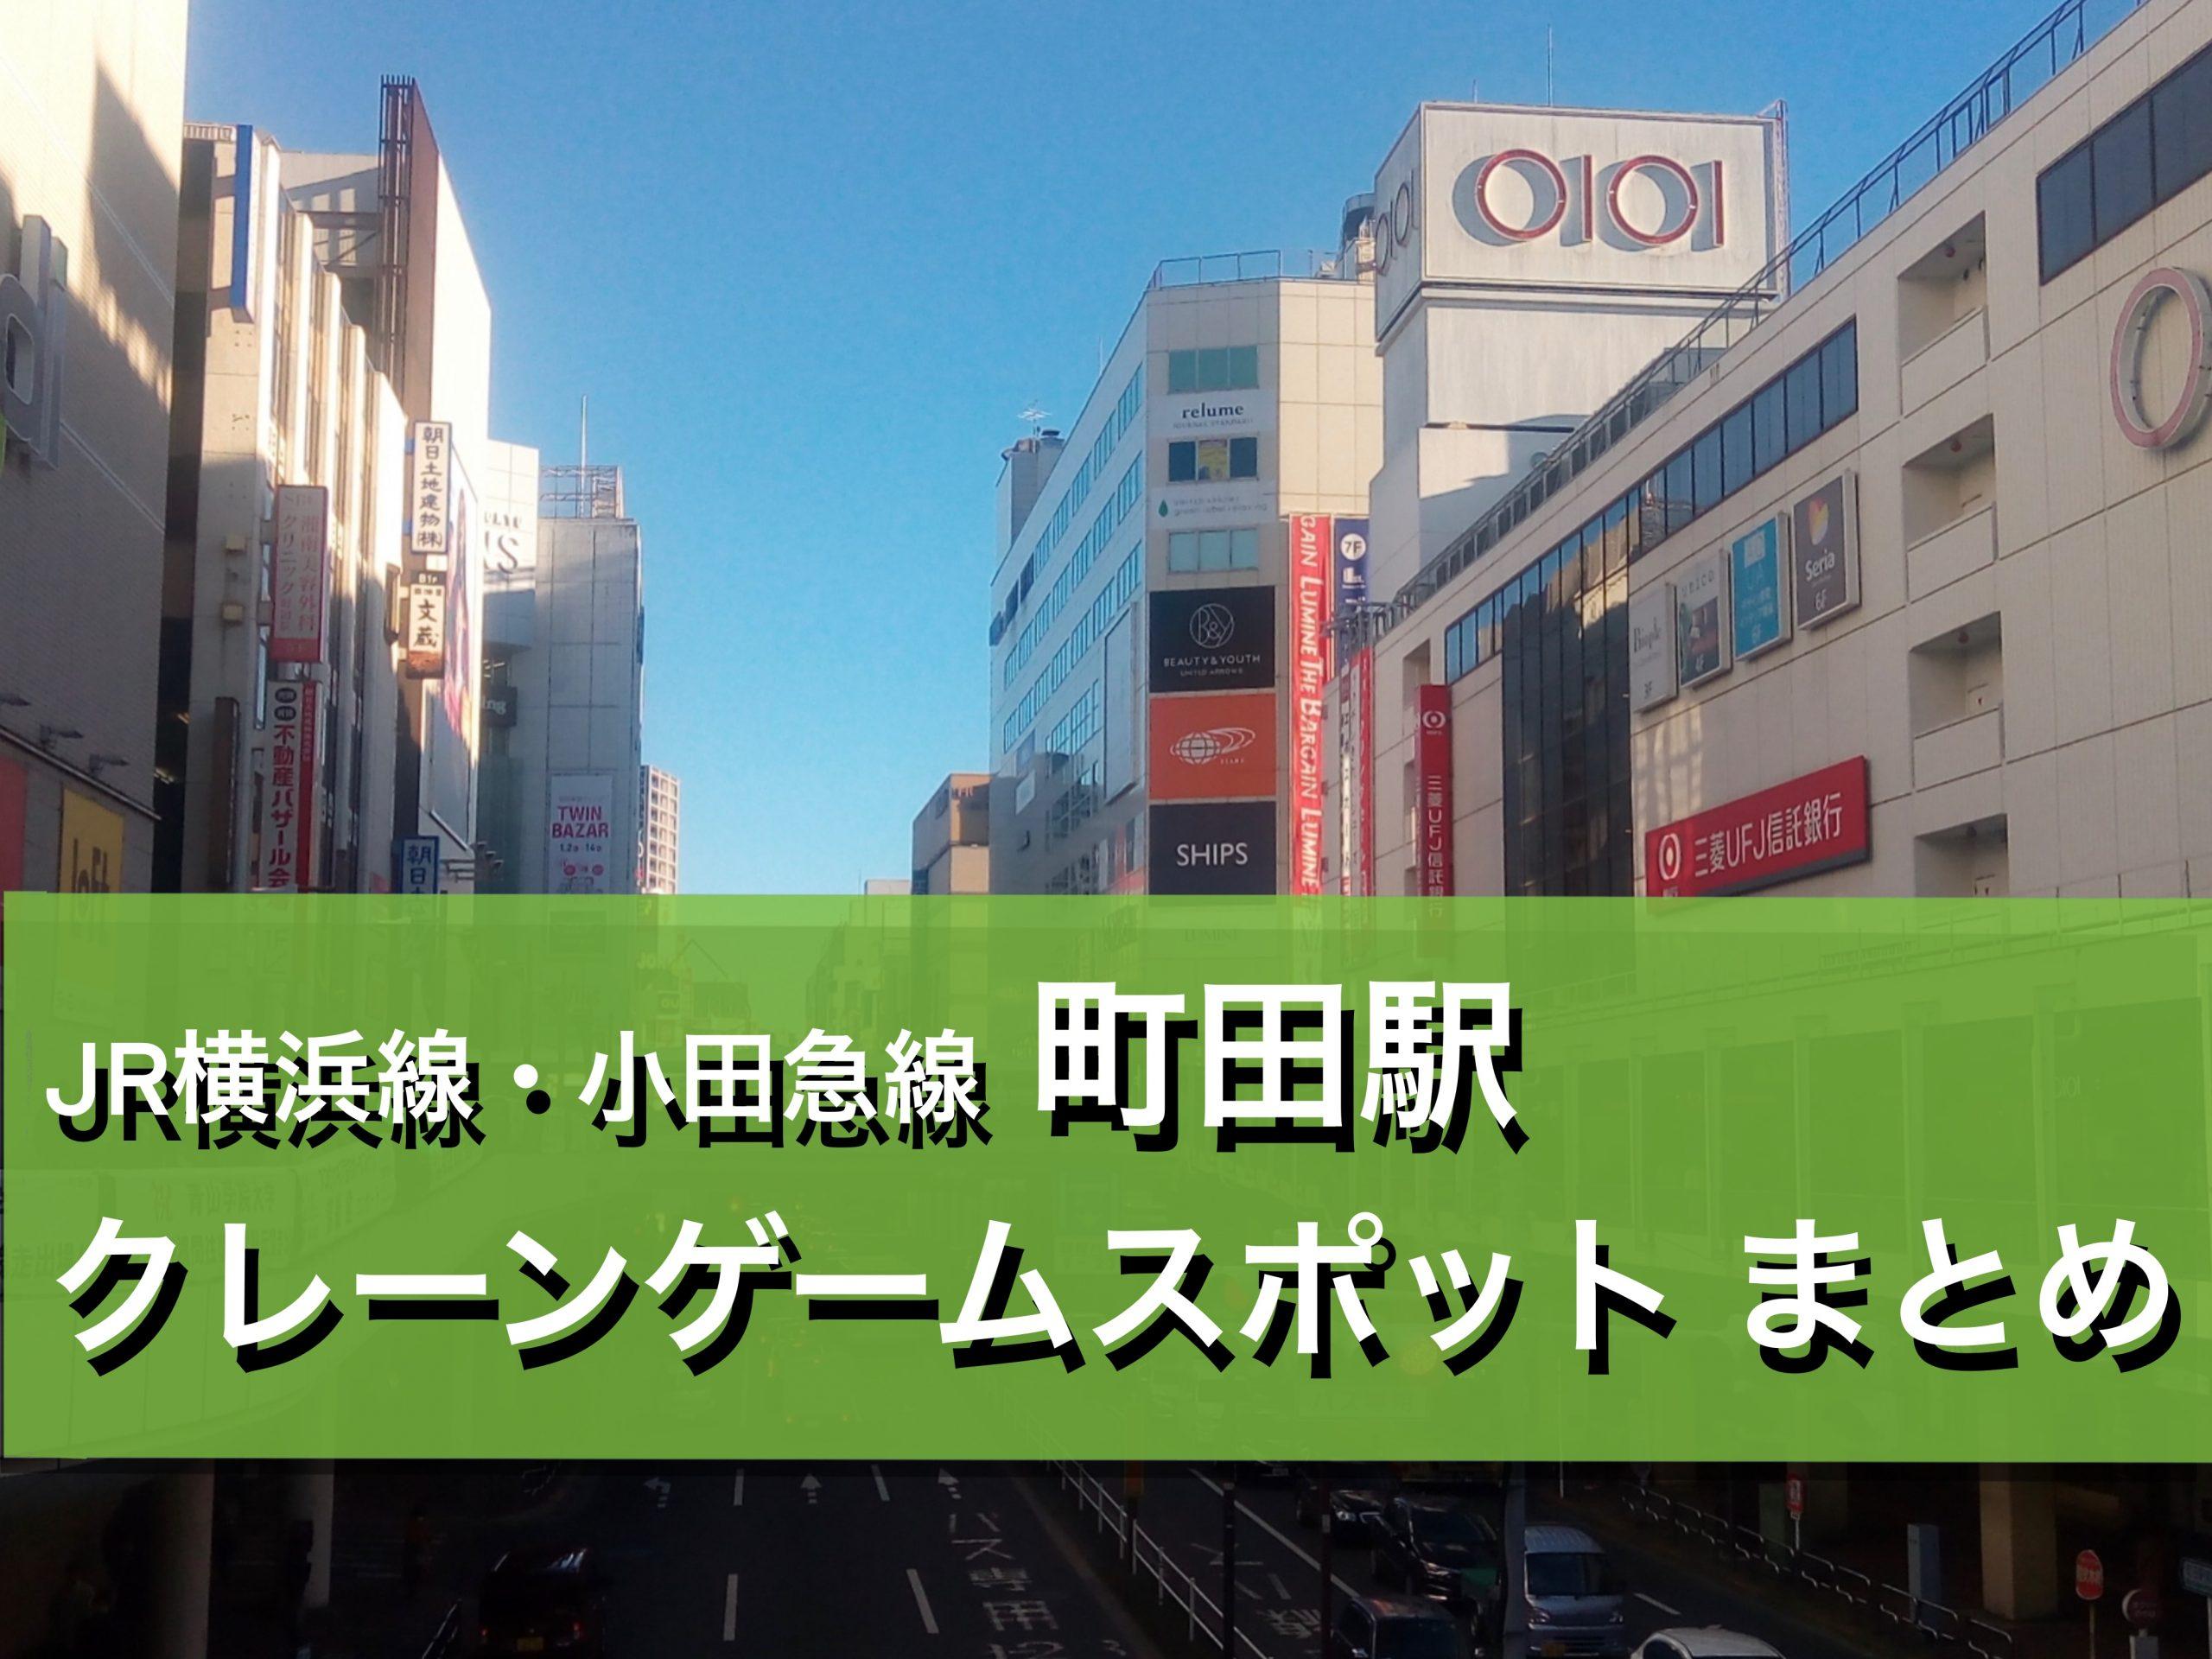 【町田駅】クレーンゲームができる場所